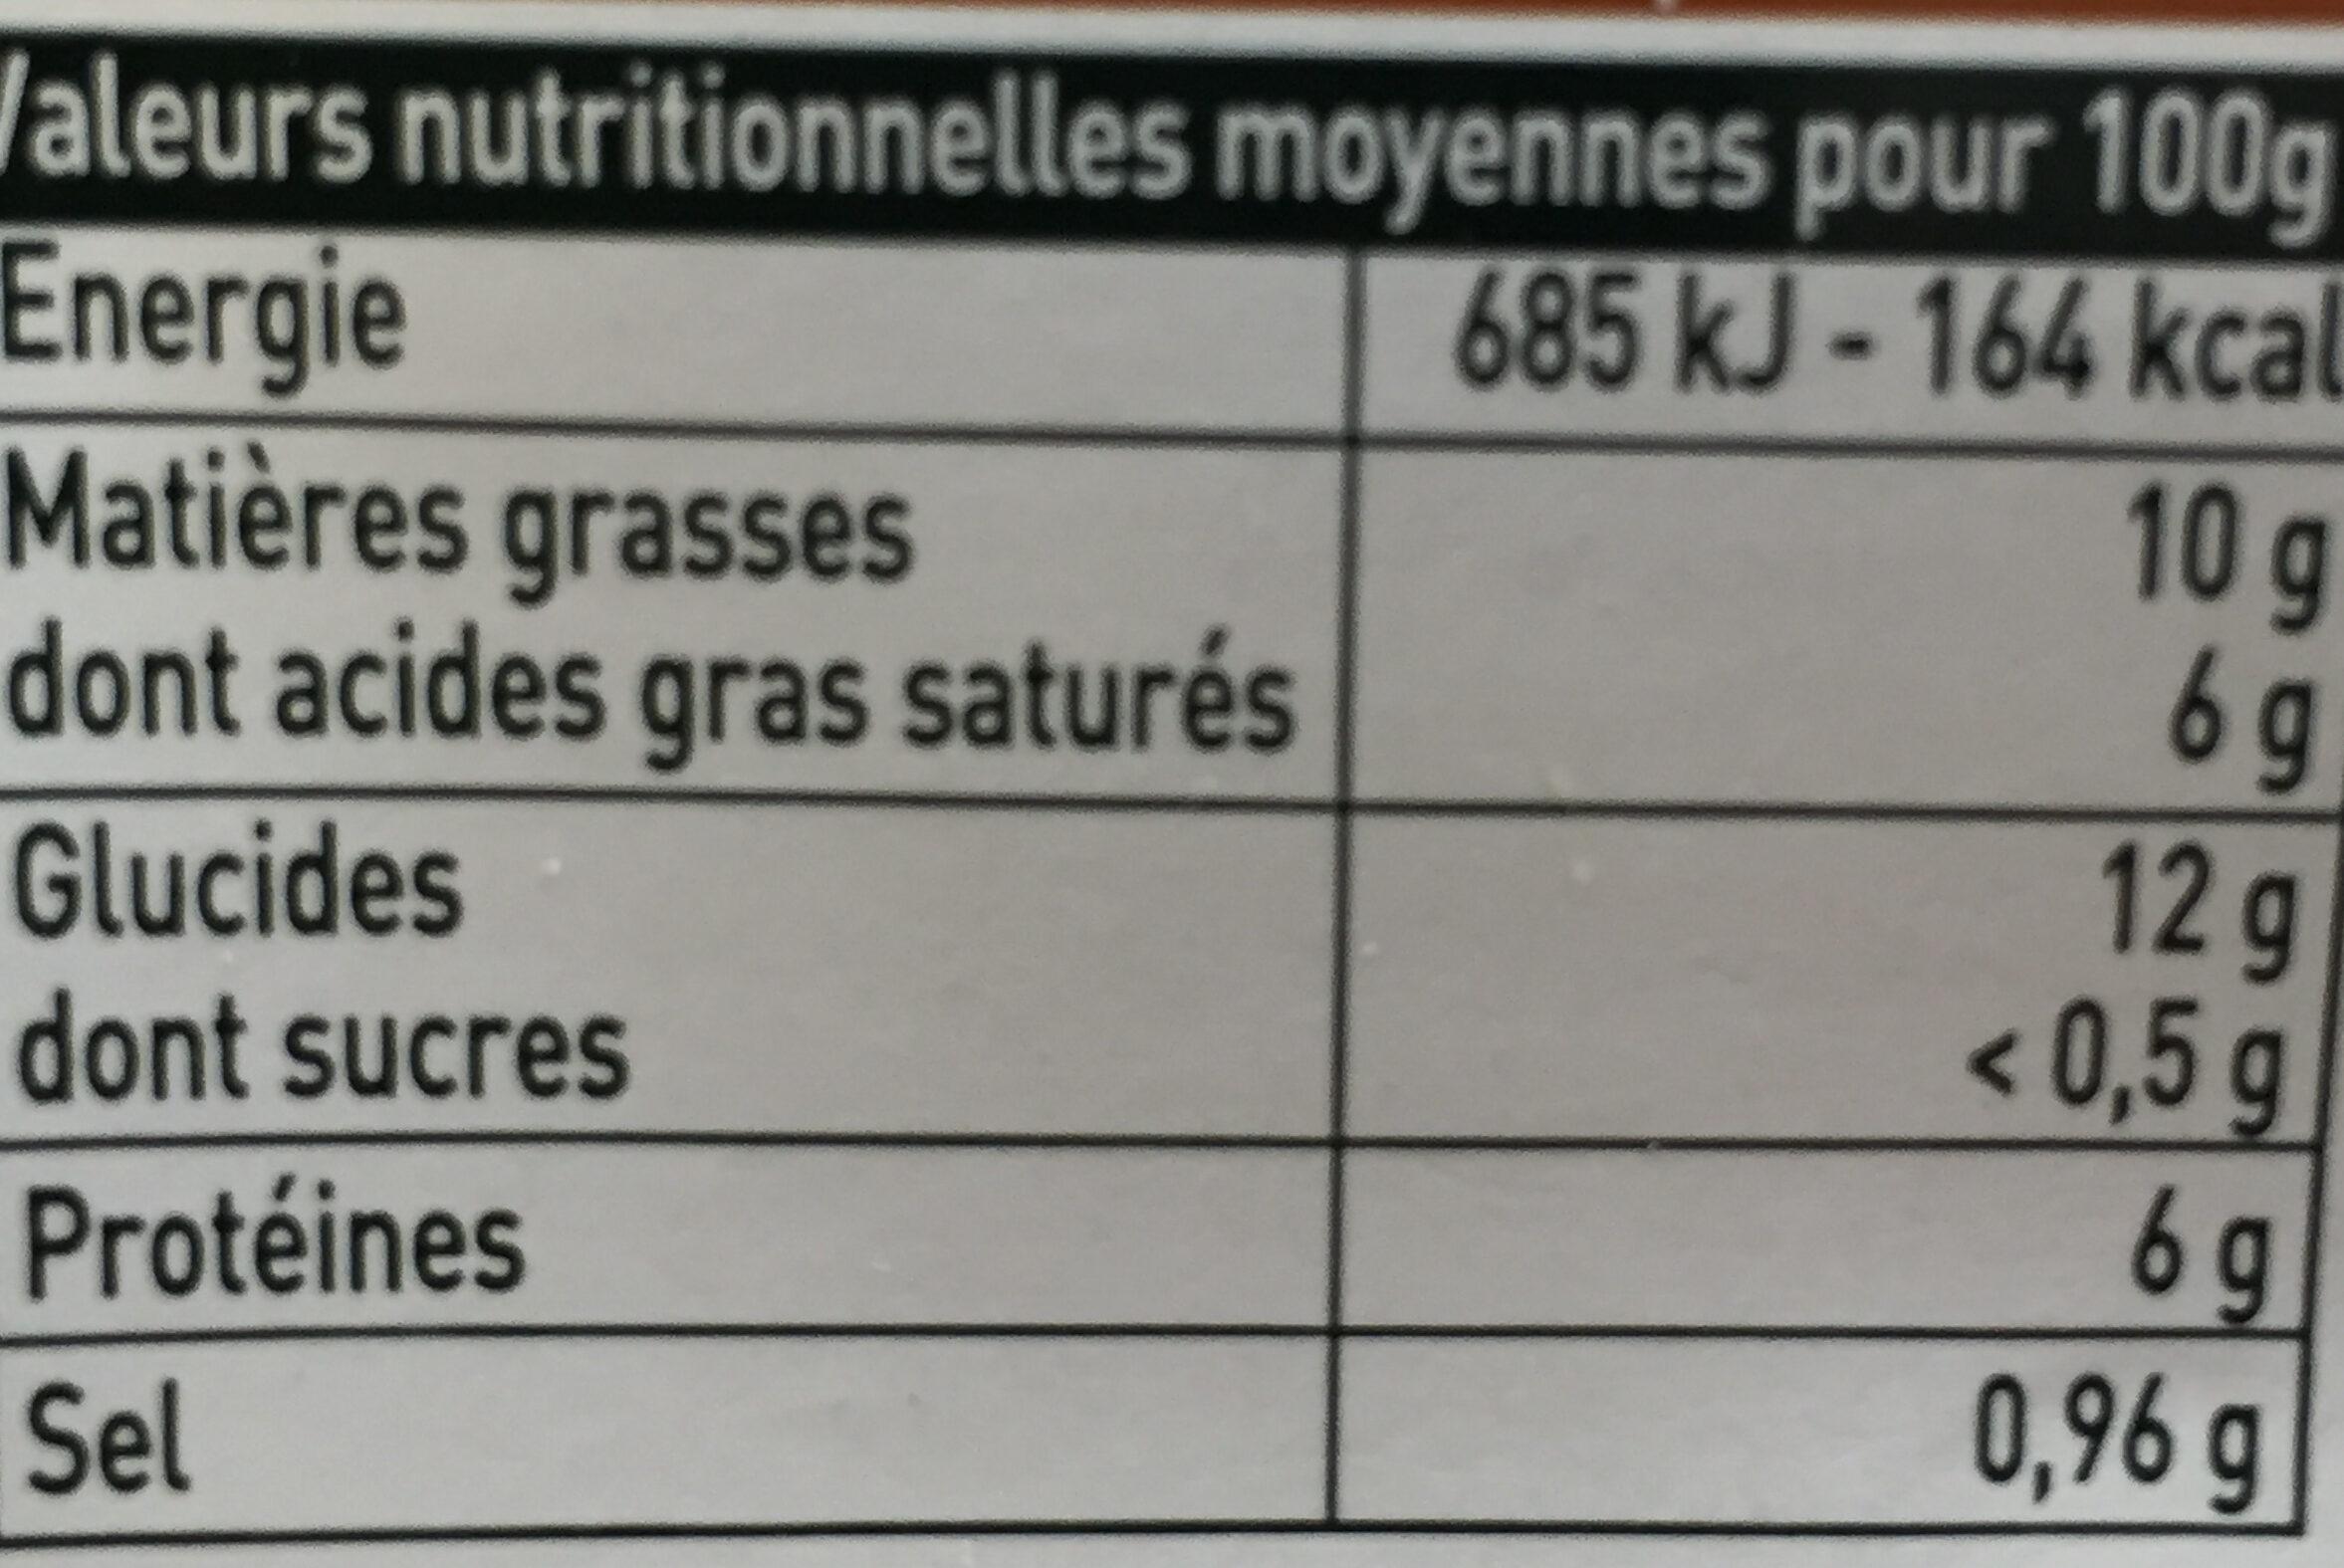 Soufflés petits légumes - Nutrition facts - fr